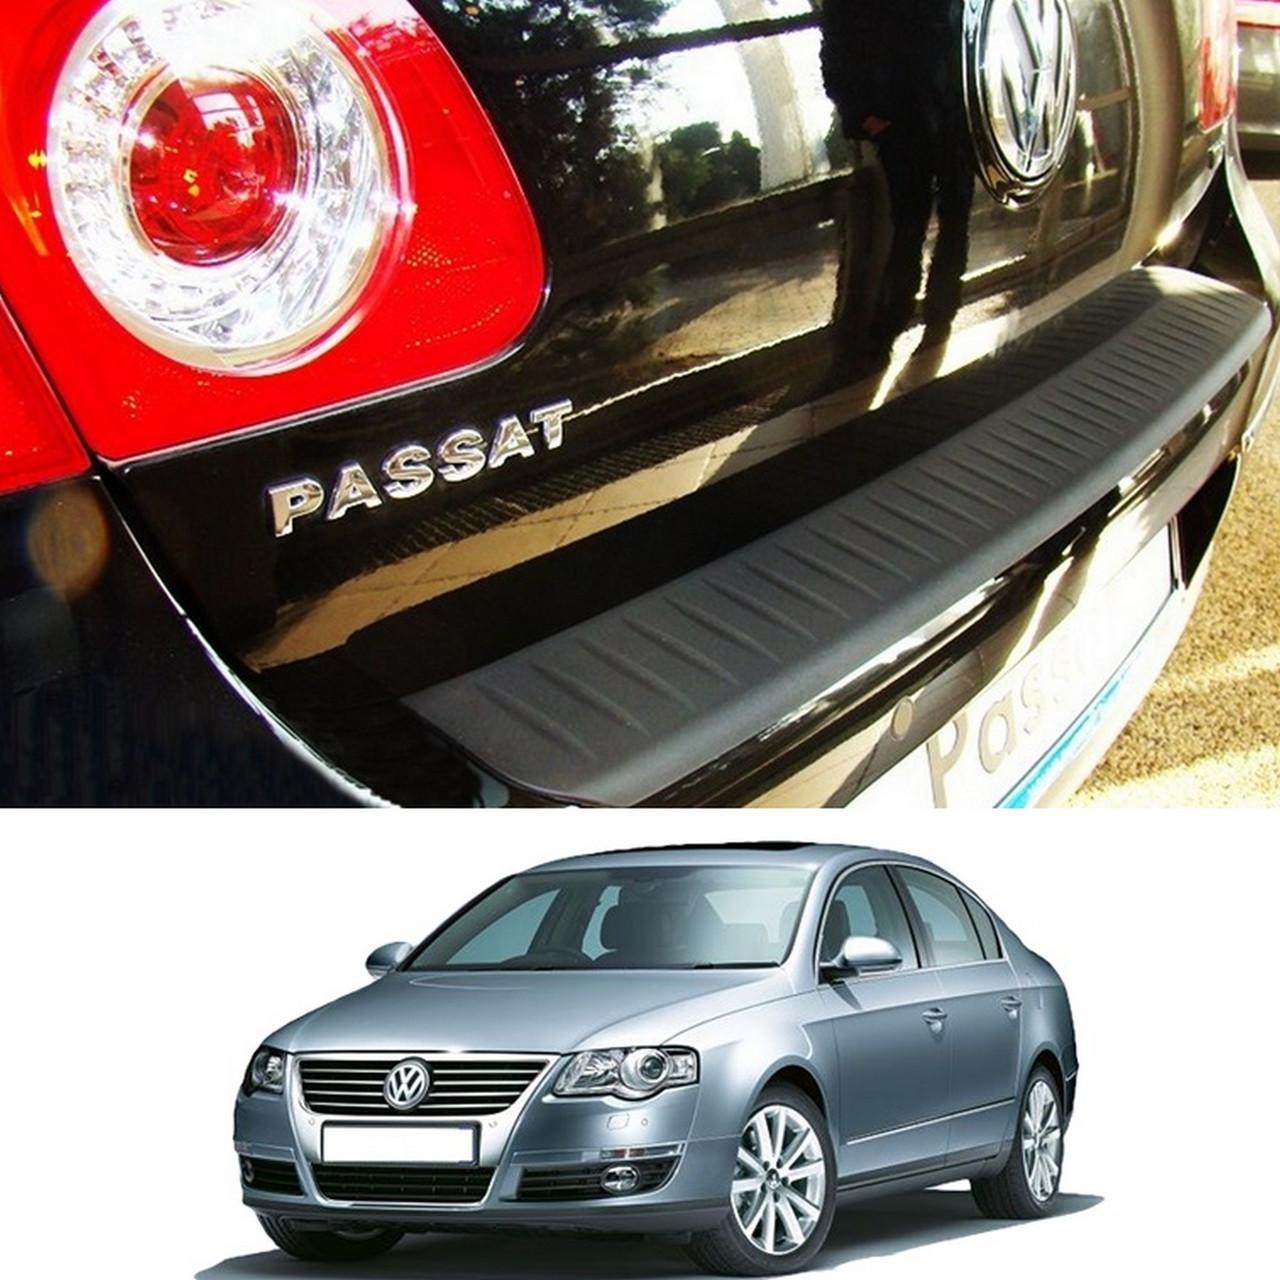 Volkswagen Passat B6 4dr sedan 2005-2010 пластиковая накладка заднего бампера